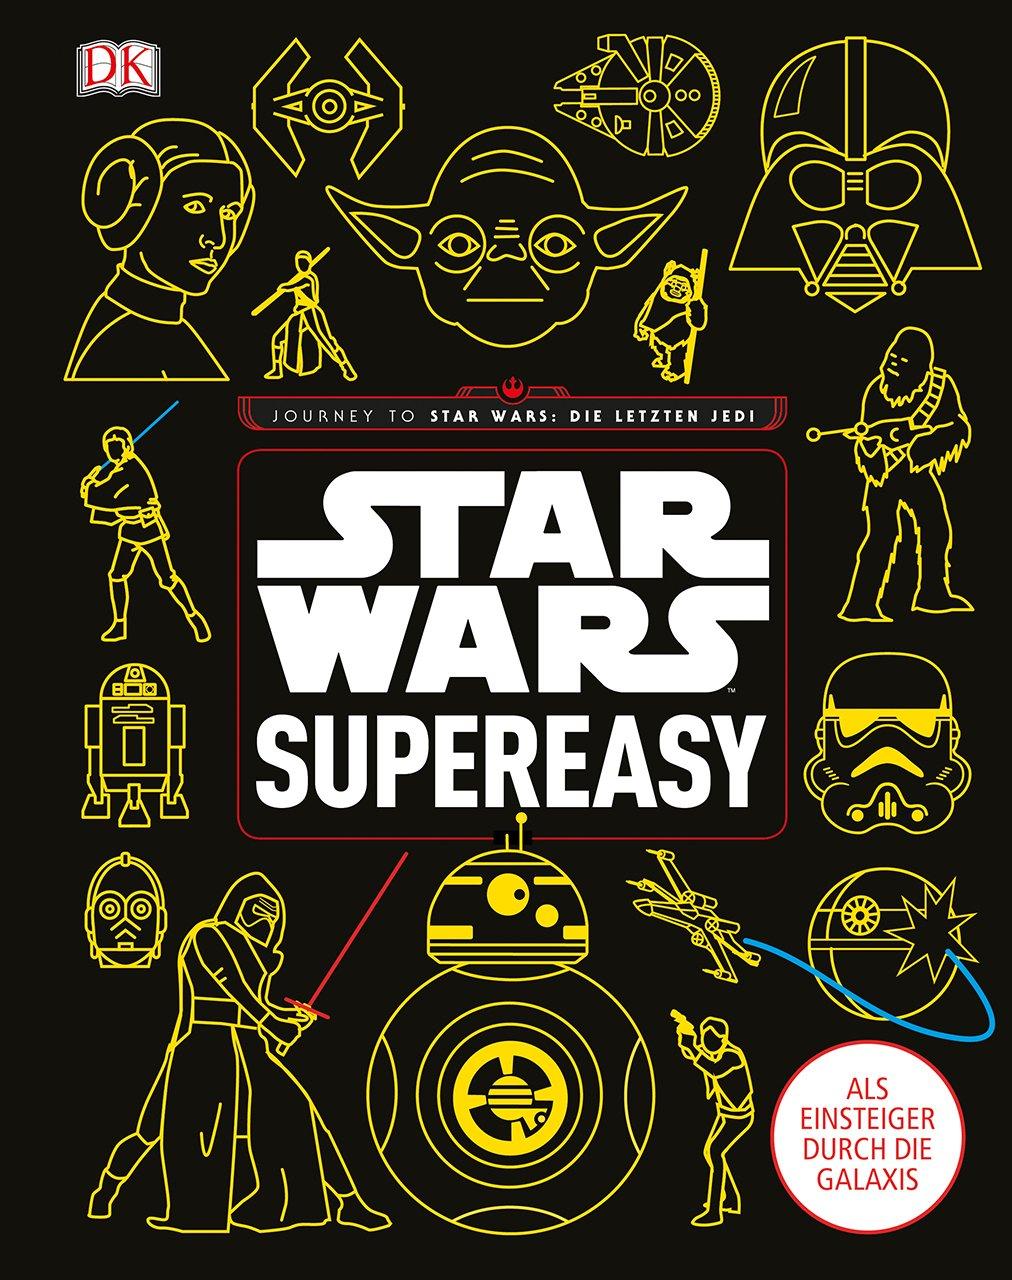 Star Wars  supereasy: Als Einsteiger durch die Galaxis. Journey to Star Wars: Die letzten Jedi